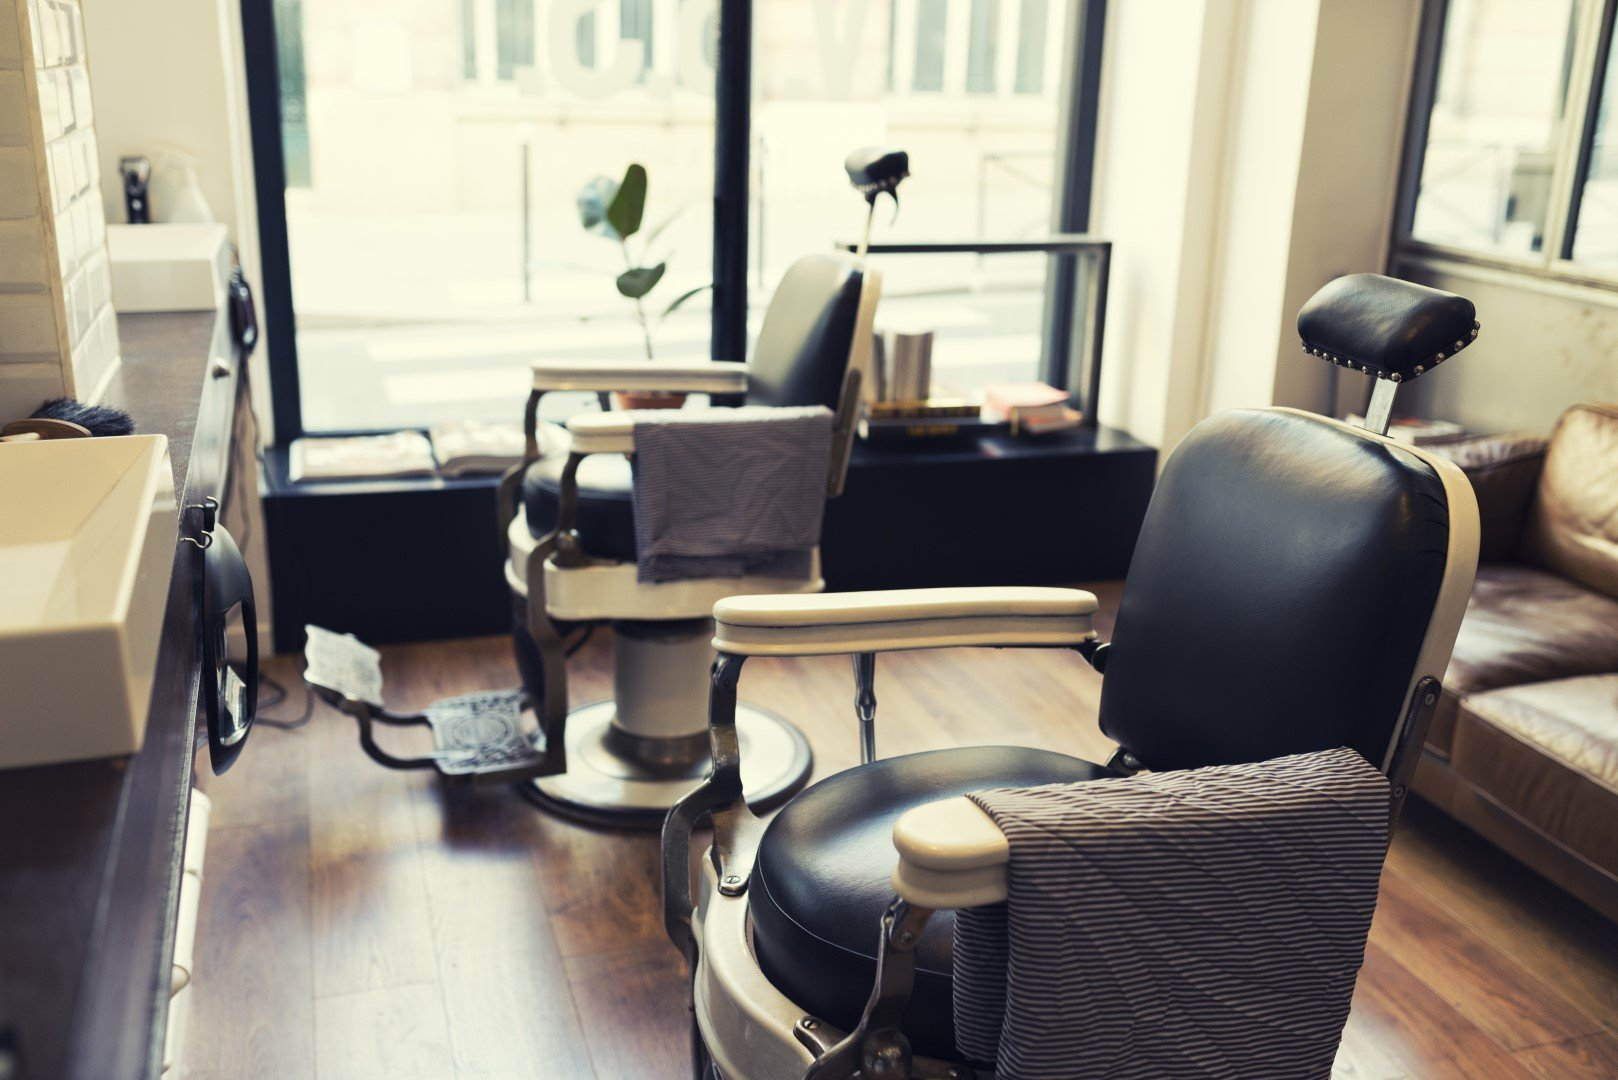 Arredamento per barber shop e parrucchieri genova abac for Arredamento parrucchieri usato